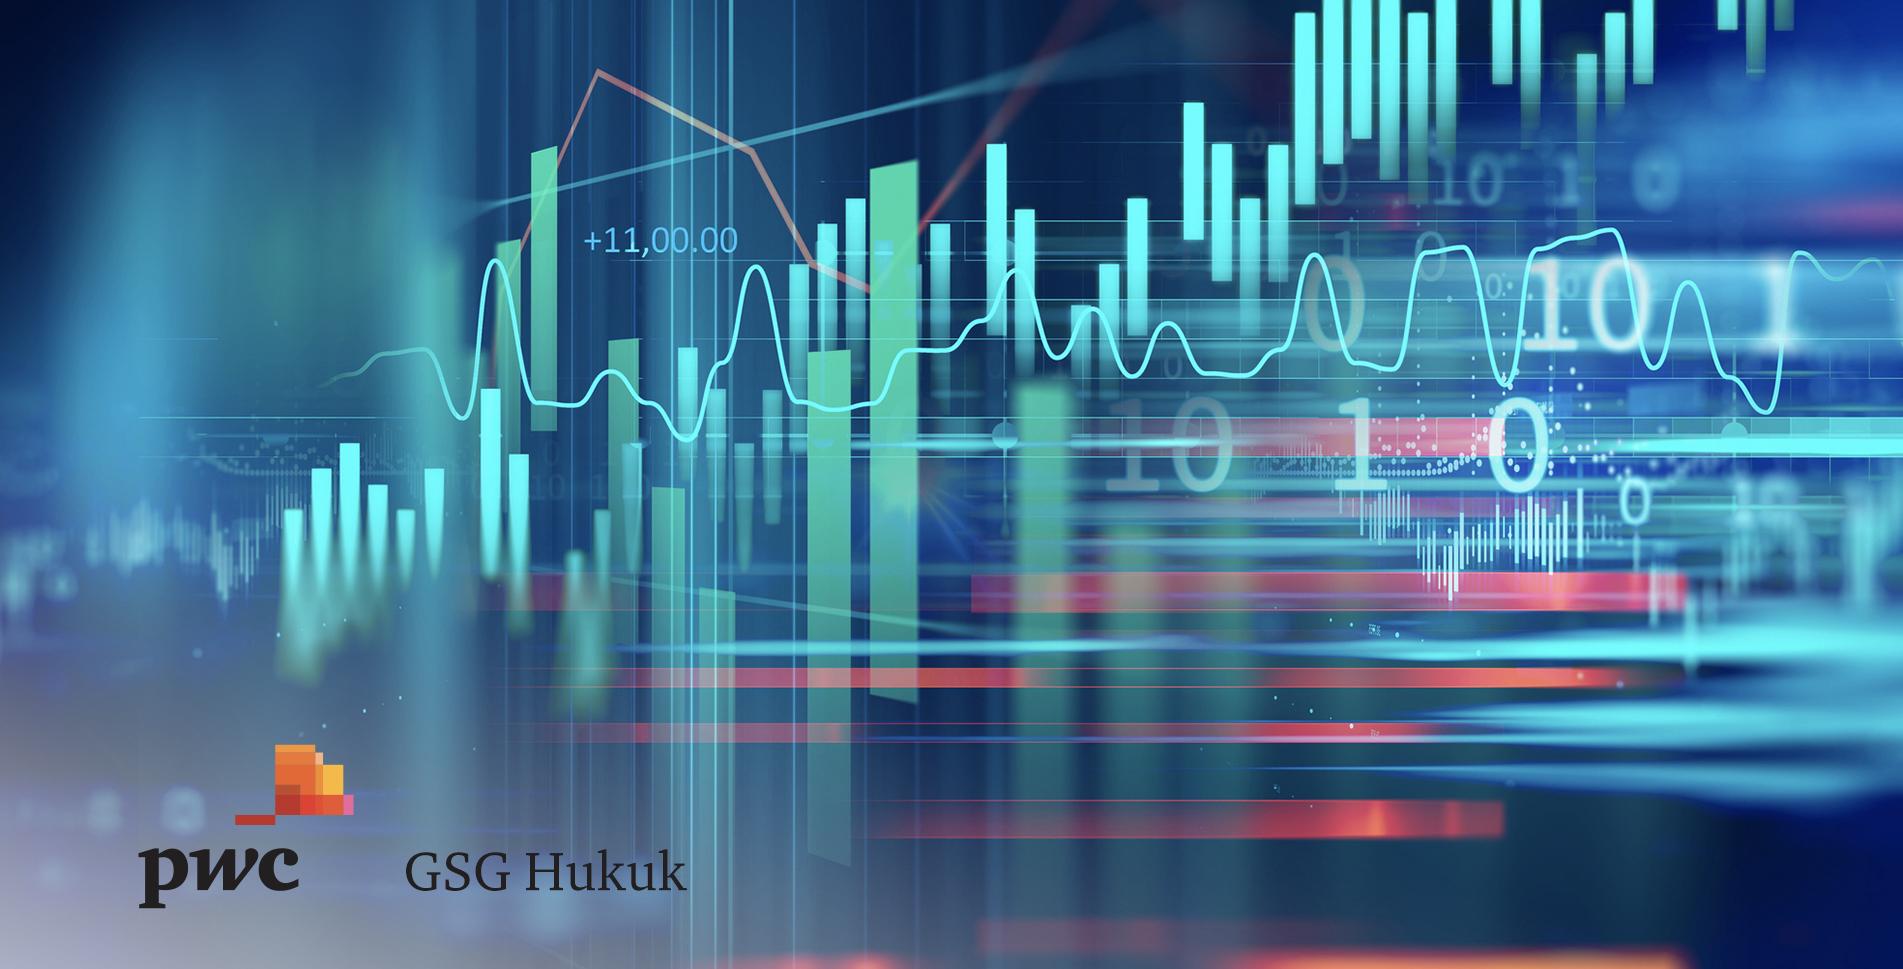 Covid-19'un Transfer Fiyatlandırması Etkileri - Uluslararası Şirketlerin Deneyimlerinin Paylaşımı (Webex)